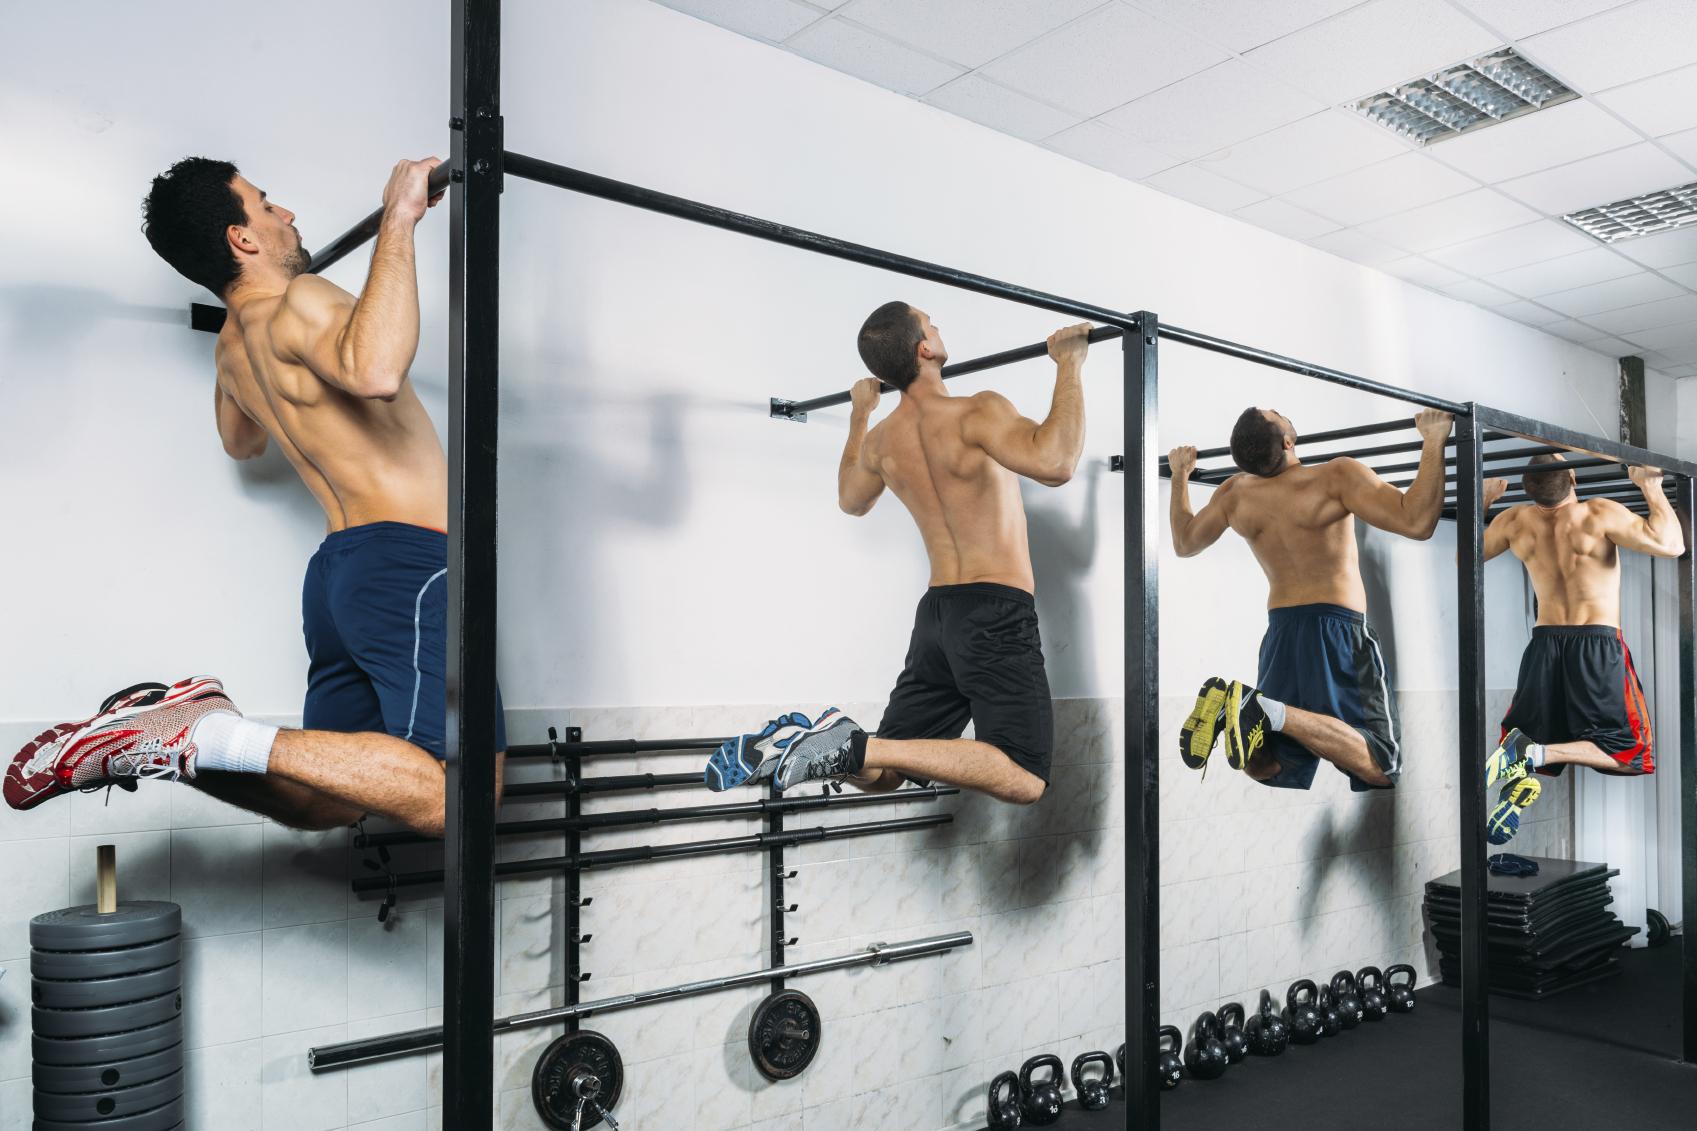 Distintas formas de asistir en las dominadas para conseguir subir - Barras de ejercicio para casa ...